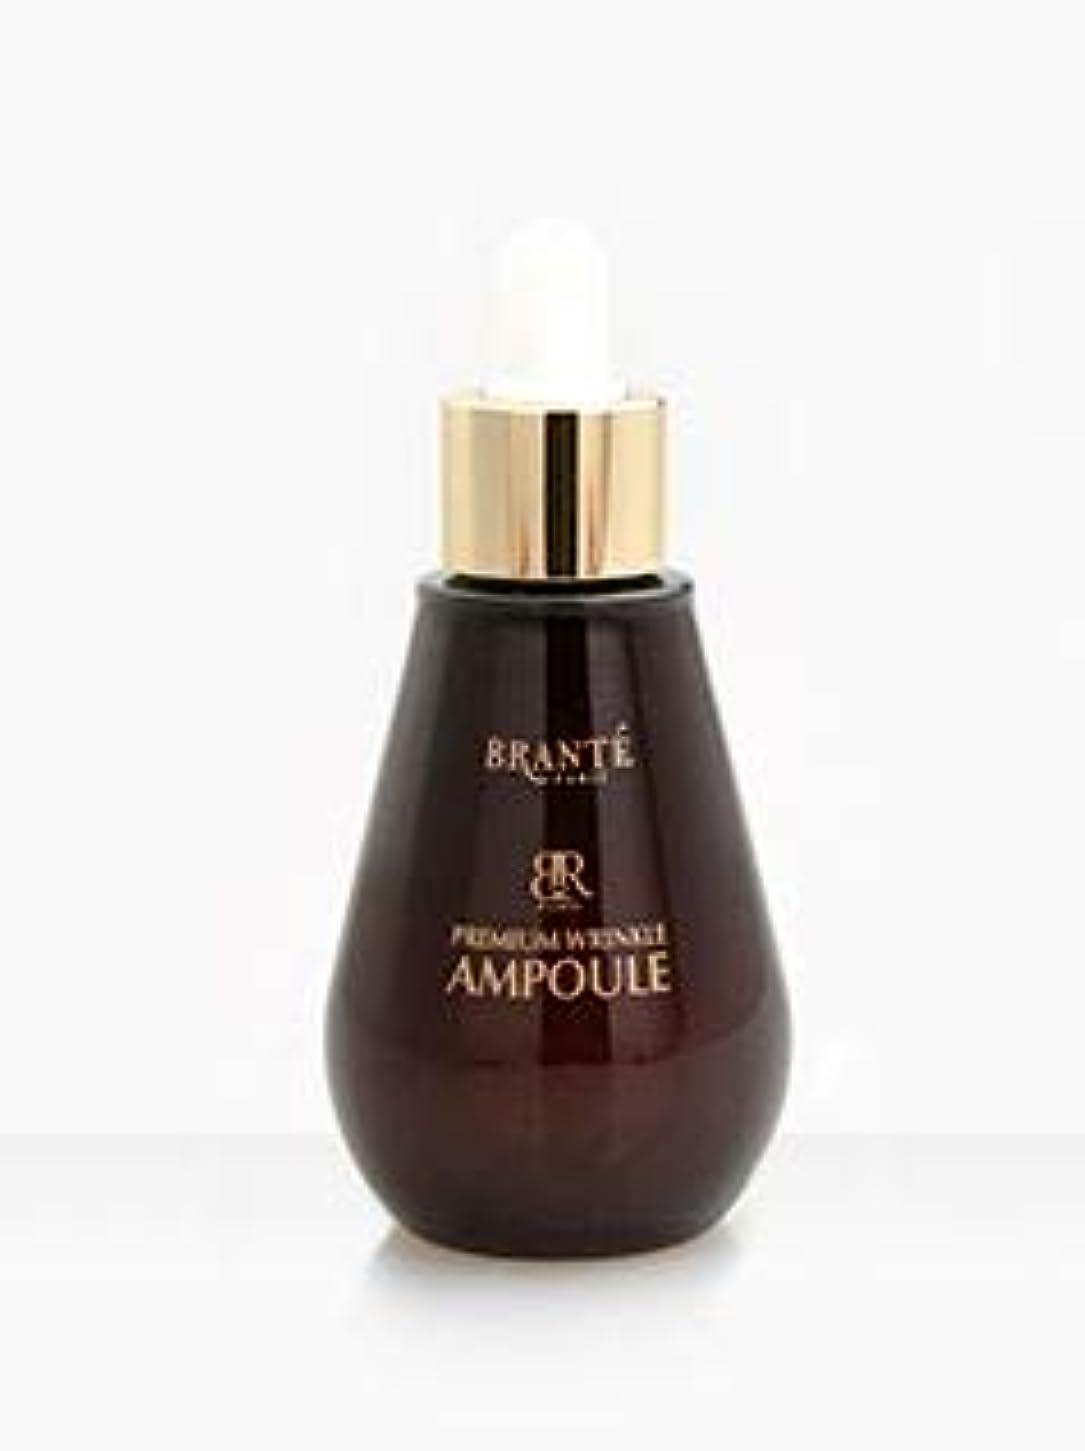 認証バルーン忠実な[BRANTE] Premium Wrinkle Ampoule 50ml / [BRANTE]プレミアムリンクルアンプル50ml [並行輸入品]